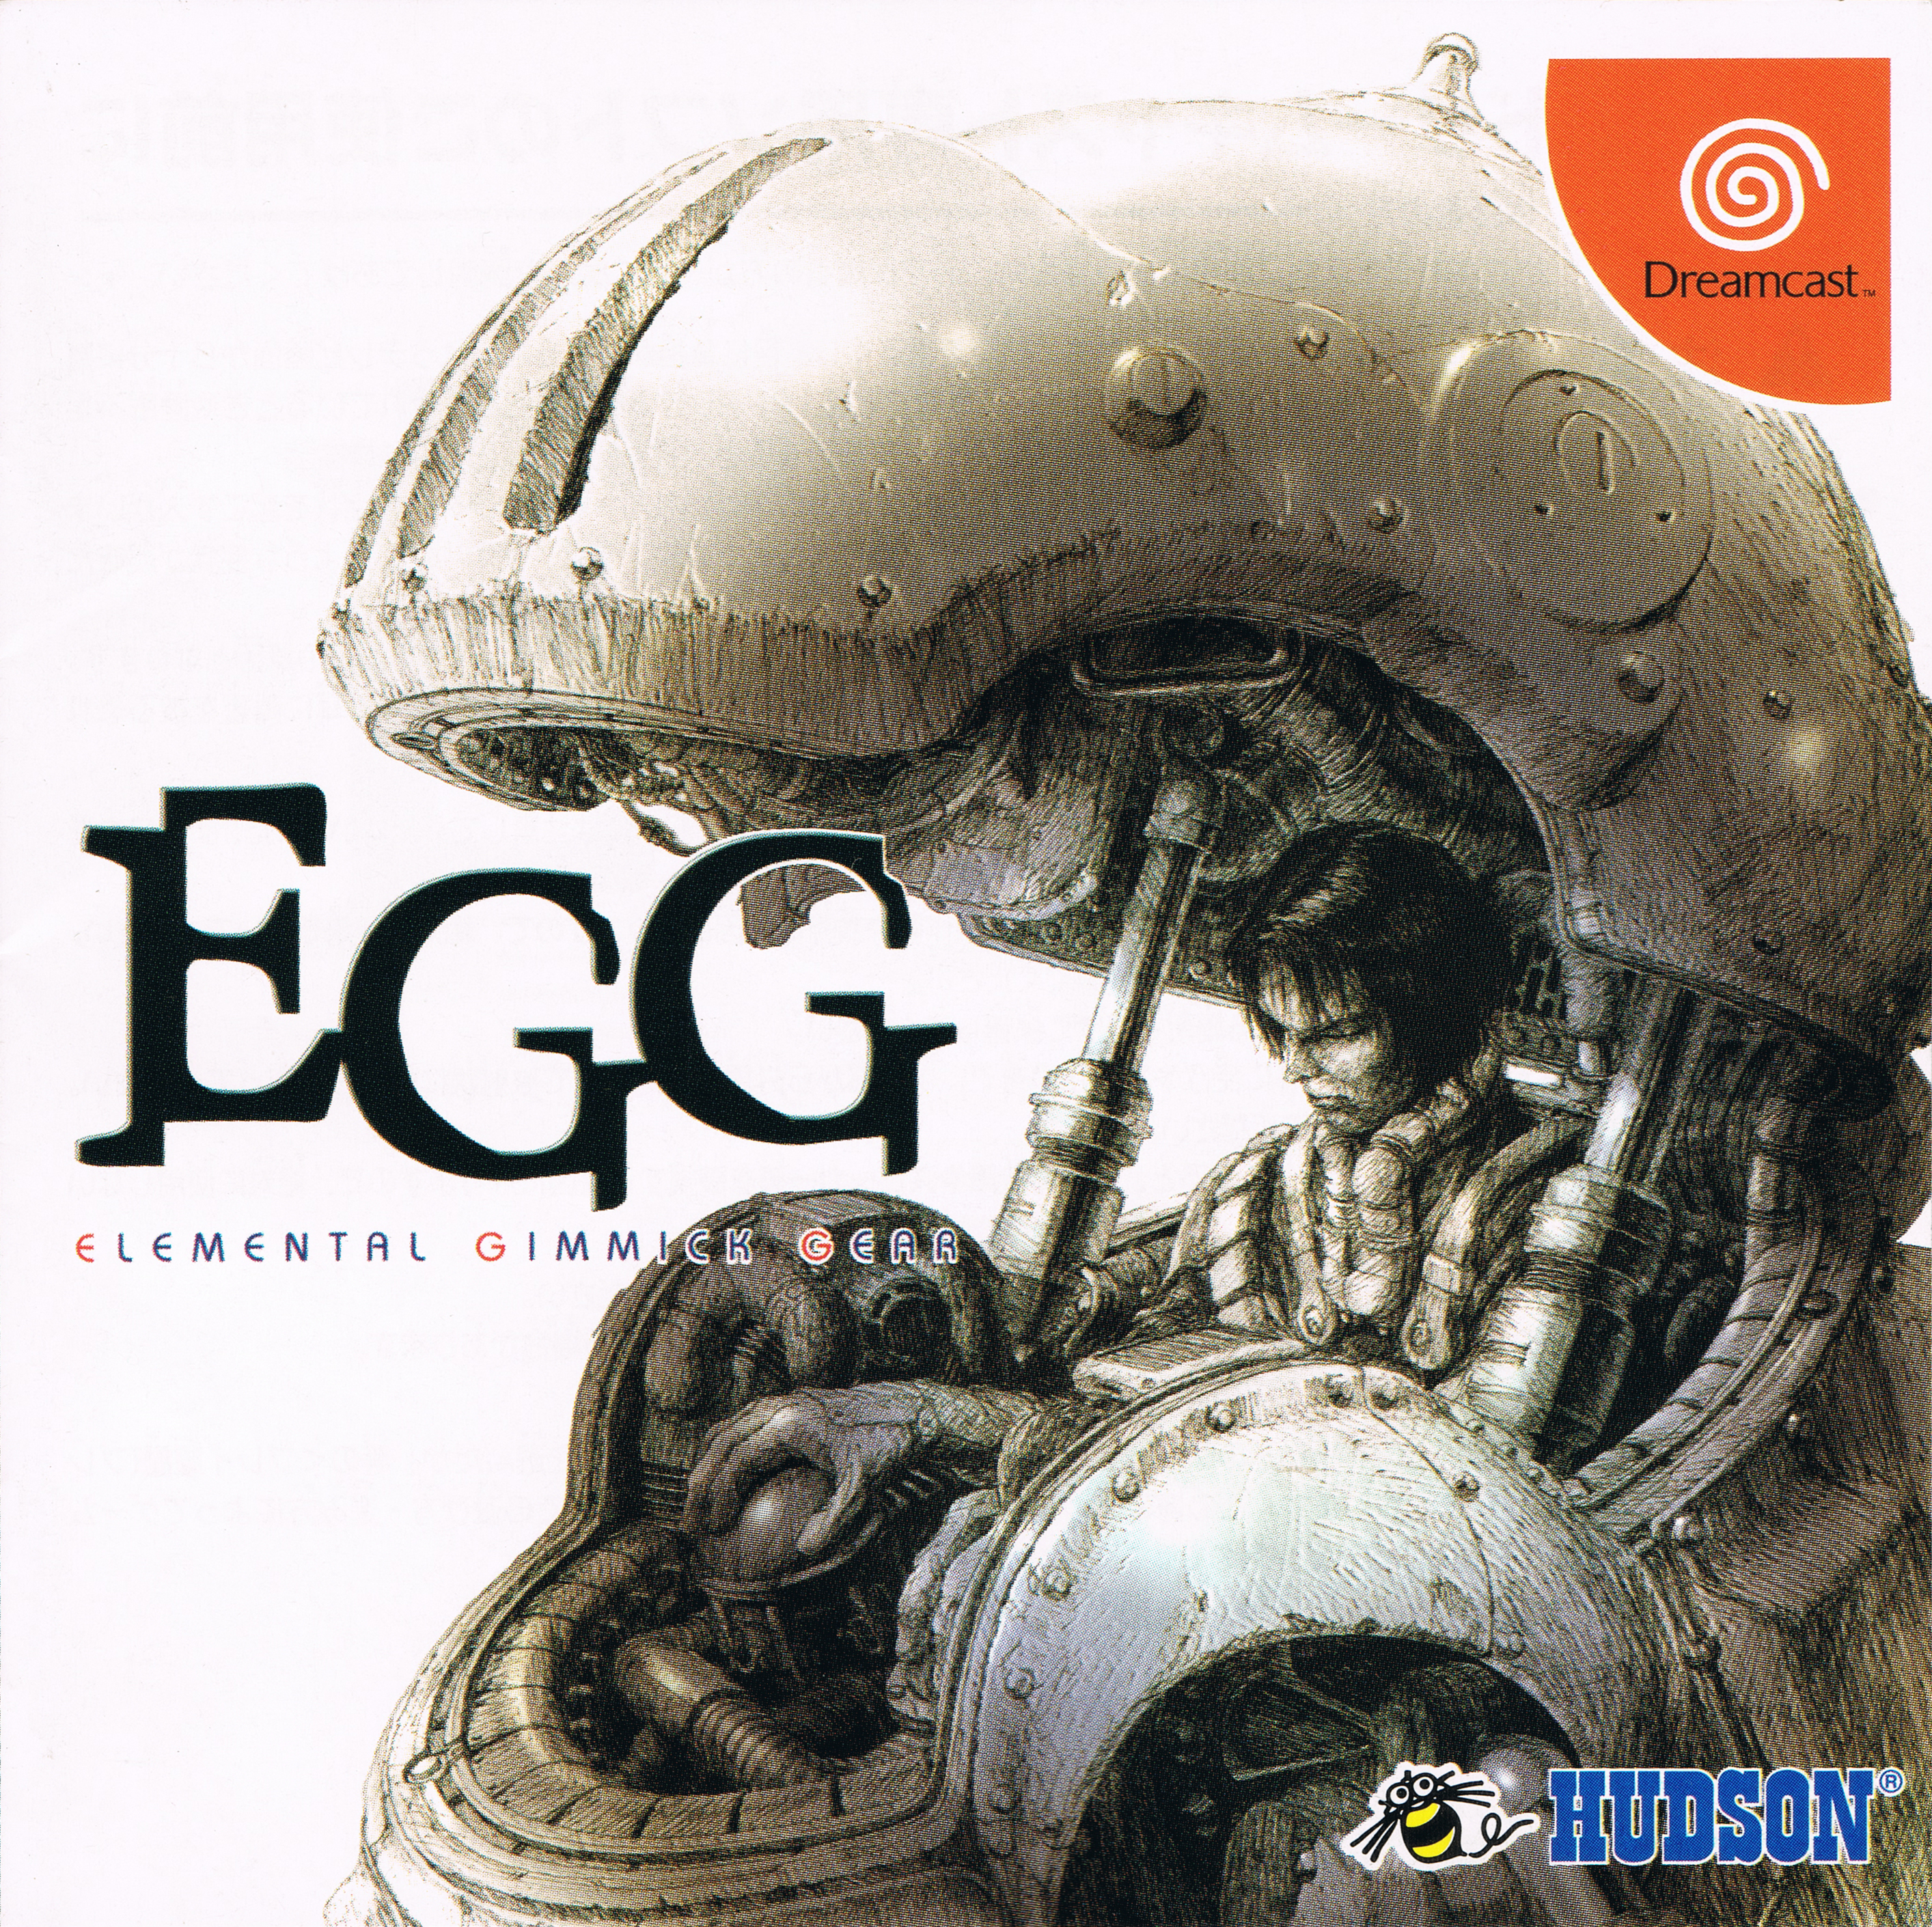 EGG_DC_JP_Box_Front.jpg